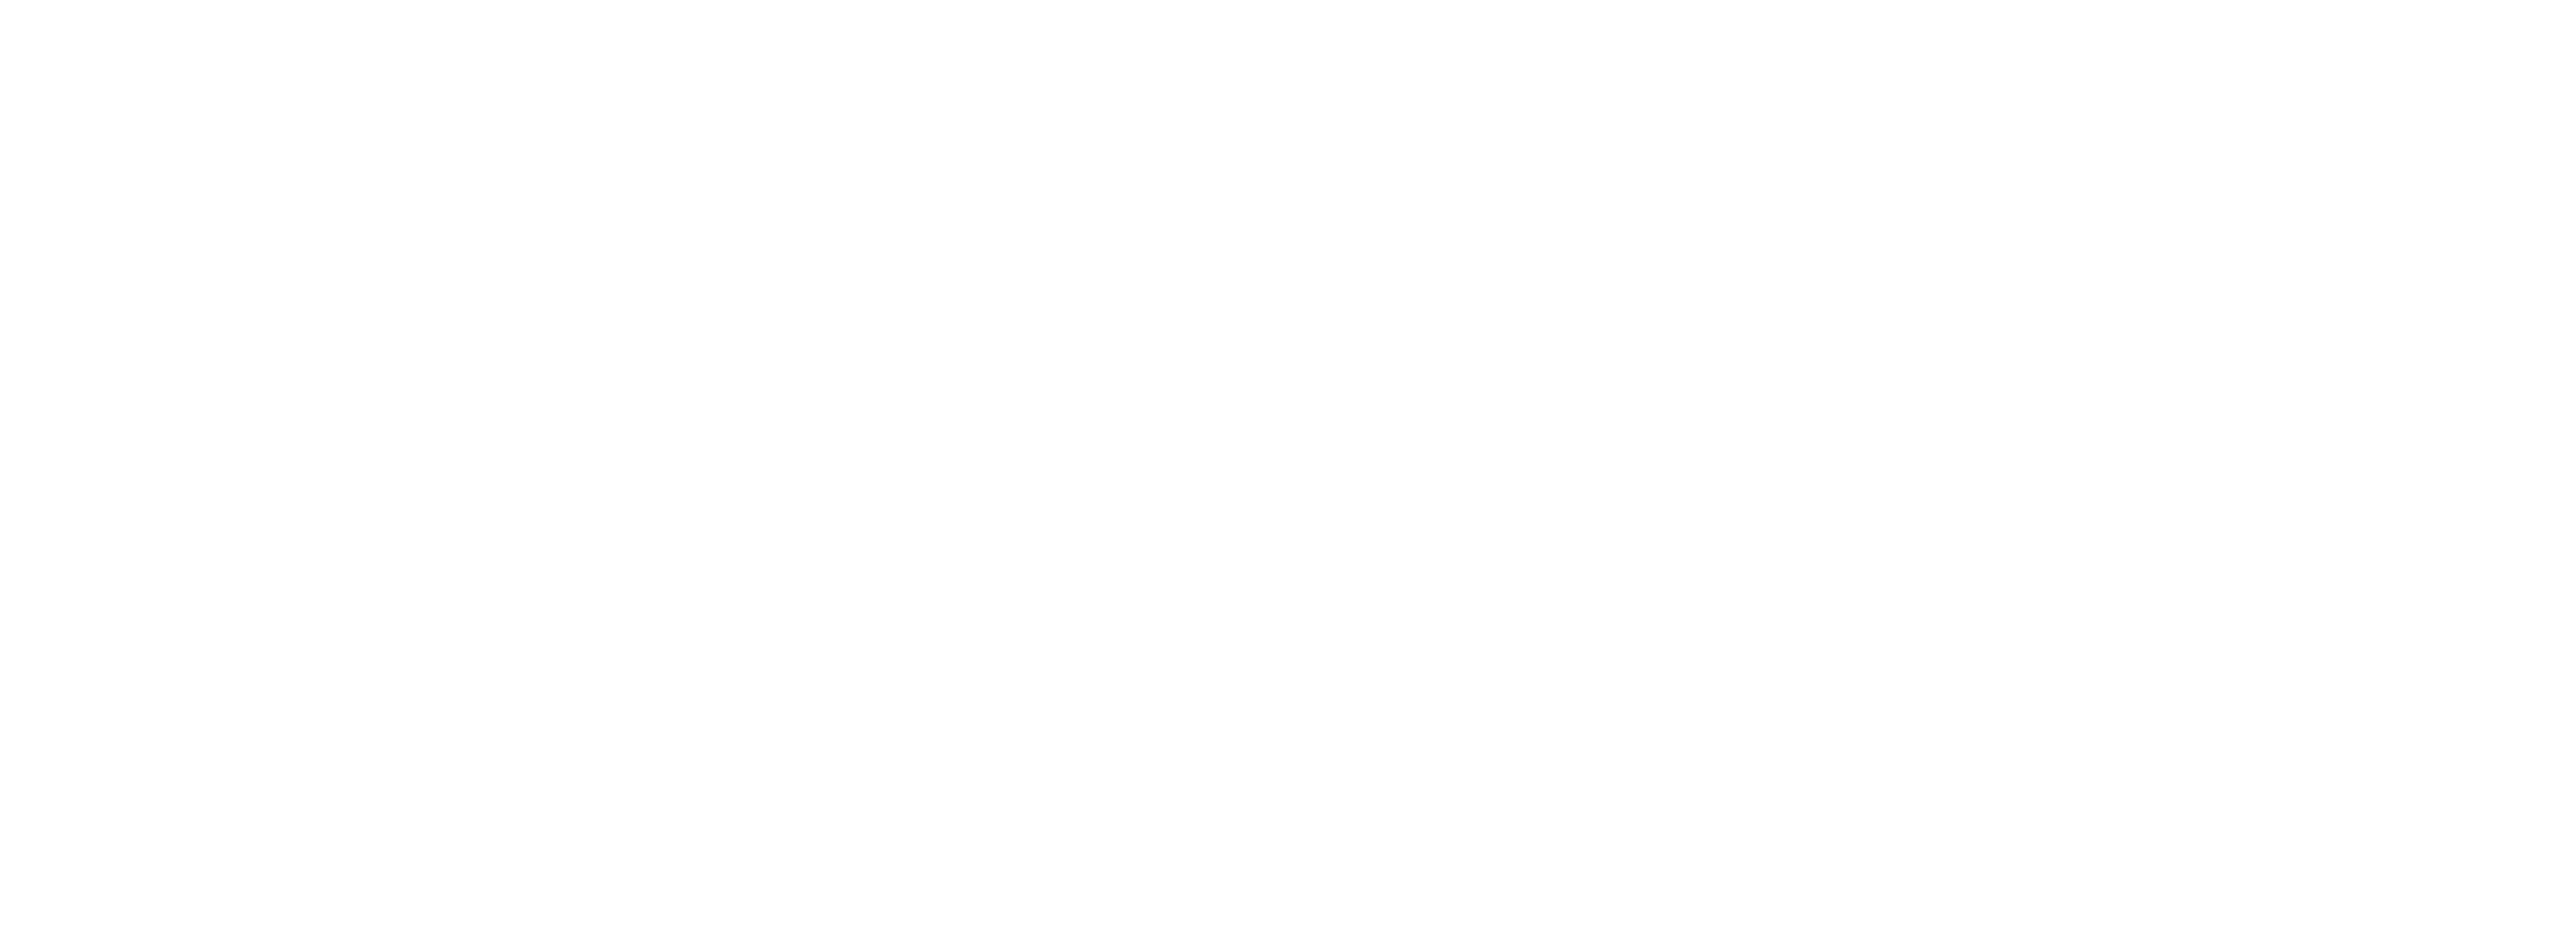 Miro-01